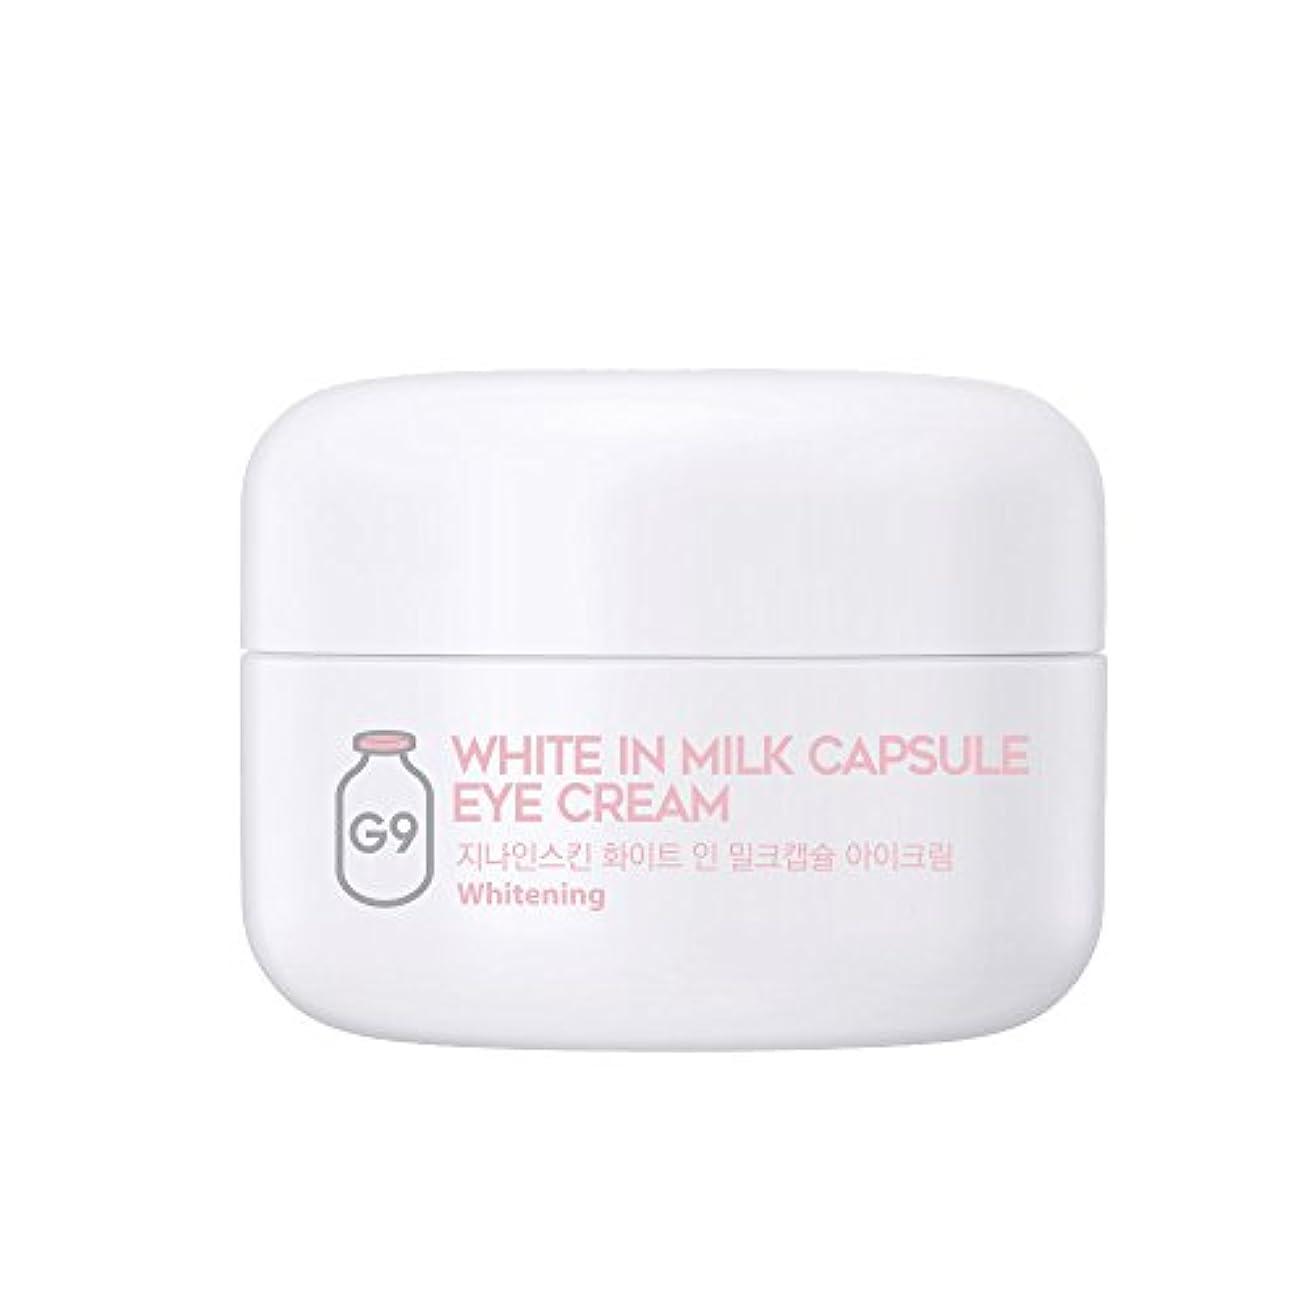 市民権ランドリー精査するG9SKIN(ベリサム) White In Milk Capsule Eye Cream ホワイトインミルクカプセルアイクリーム 30g